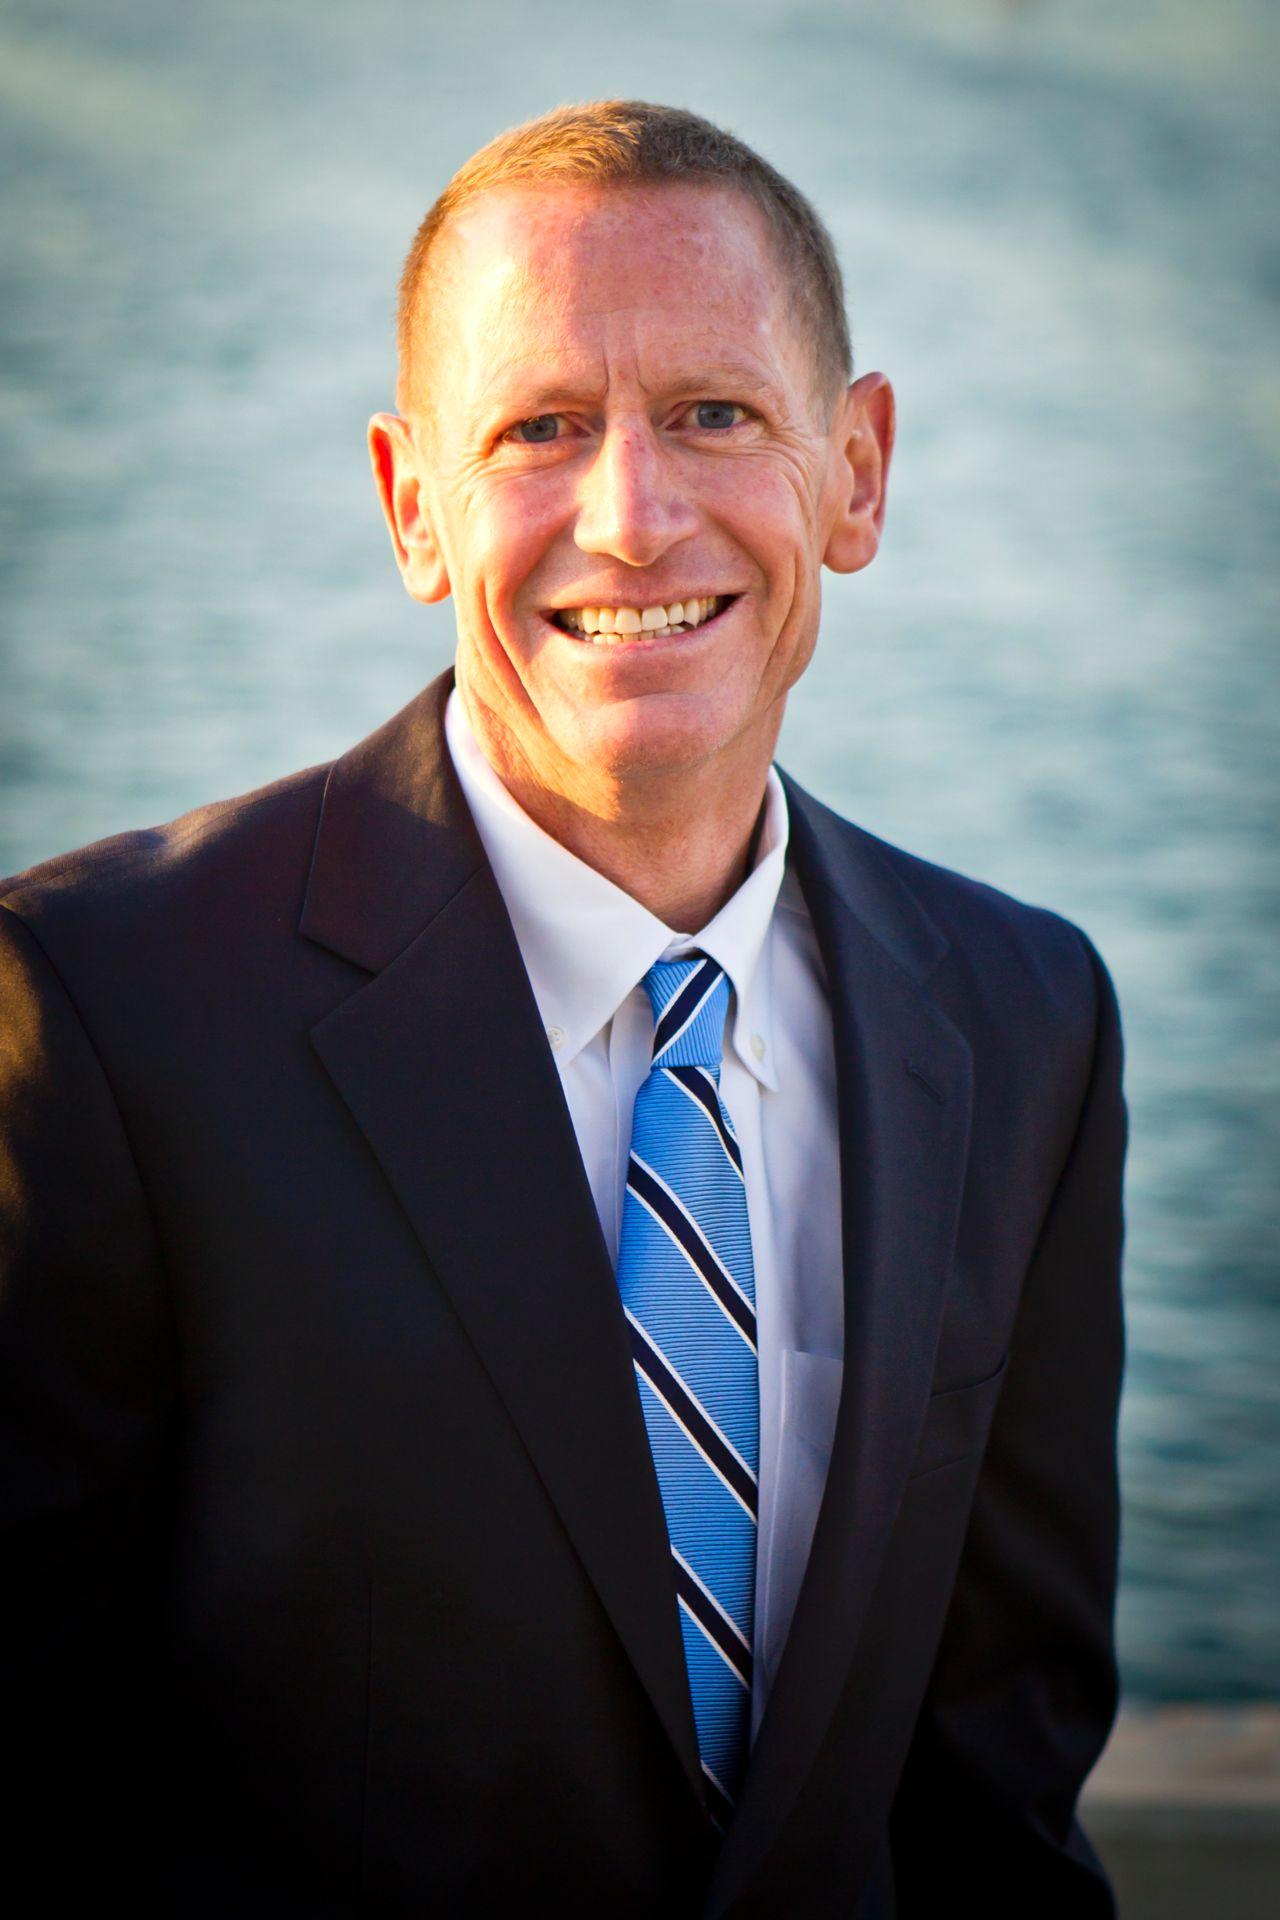 El mejor abogado de almirantazgo de San Diego – El mejor defensor de almirantazgo de San Diego – Bill Turley